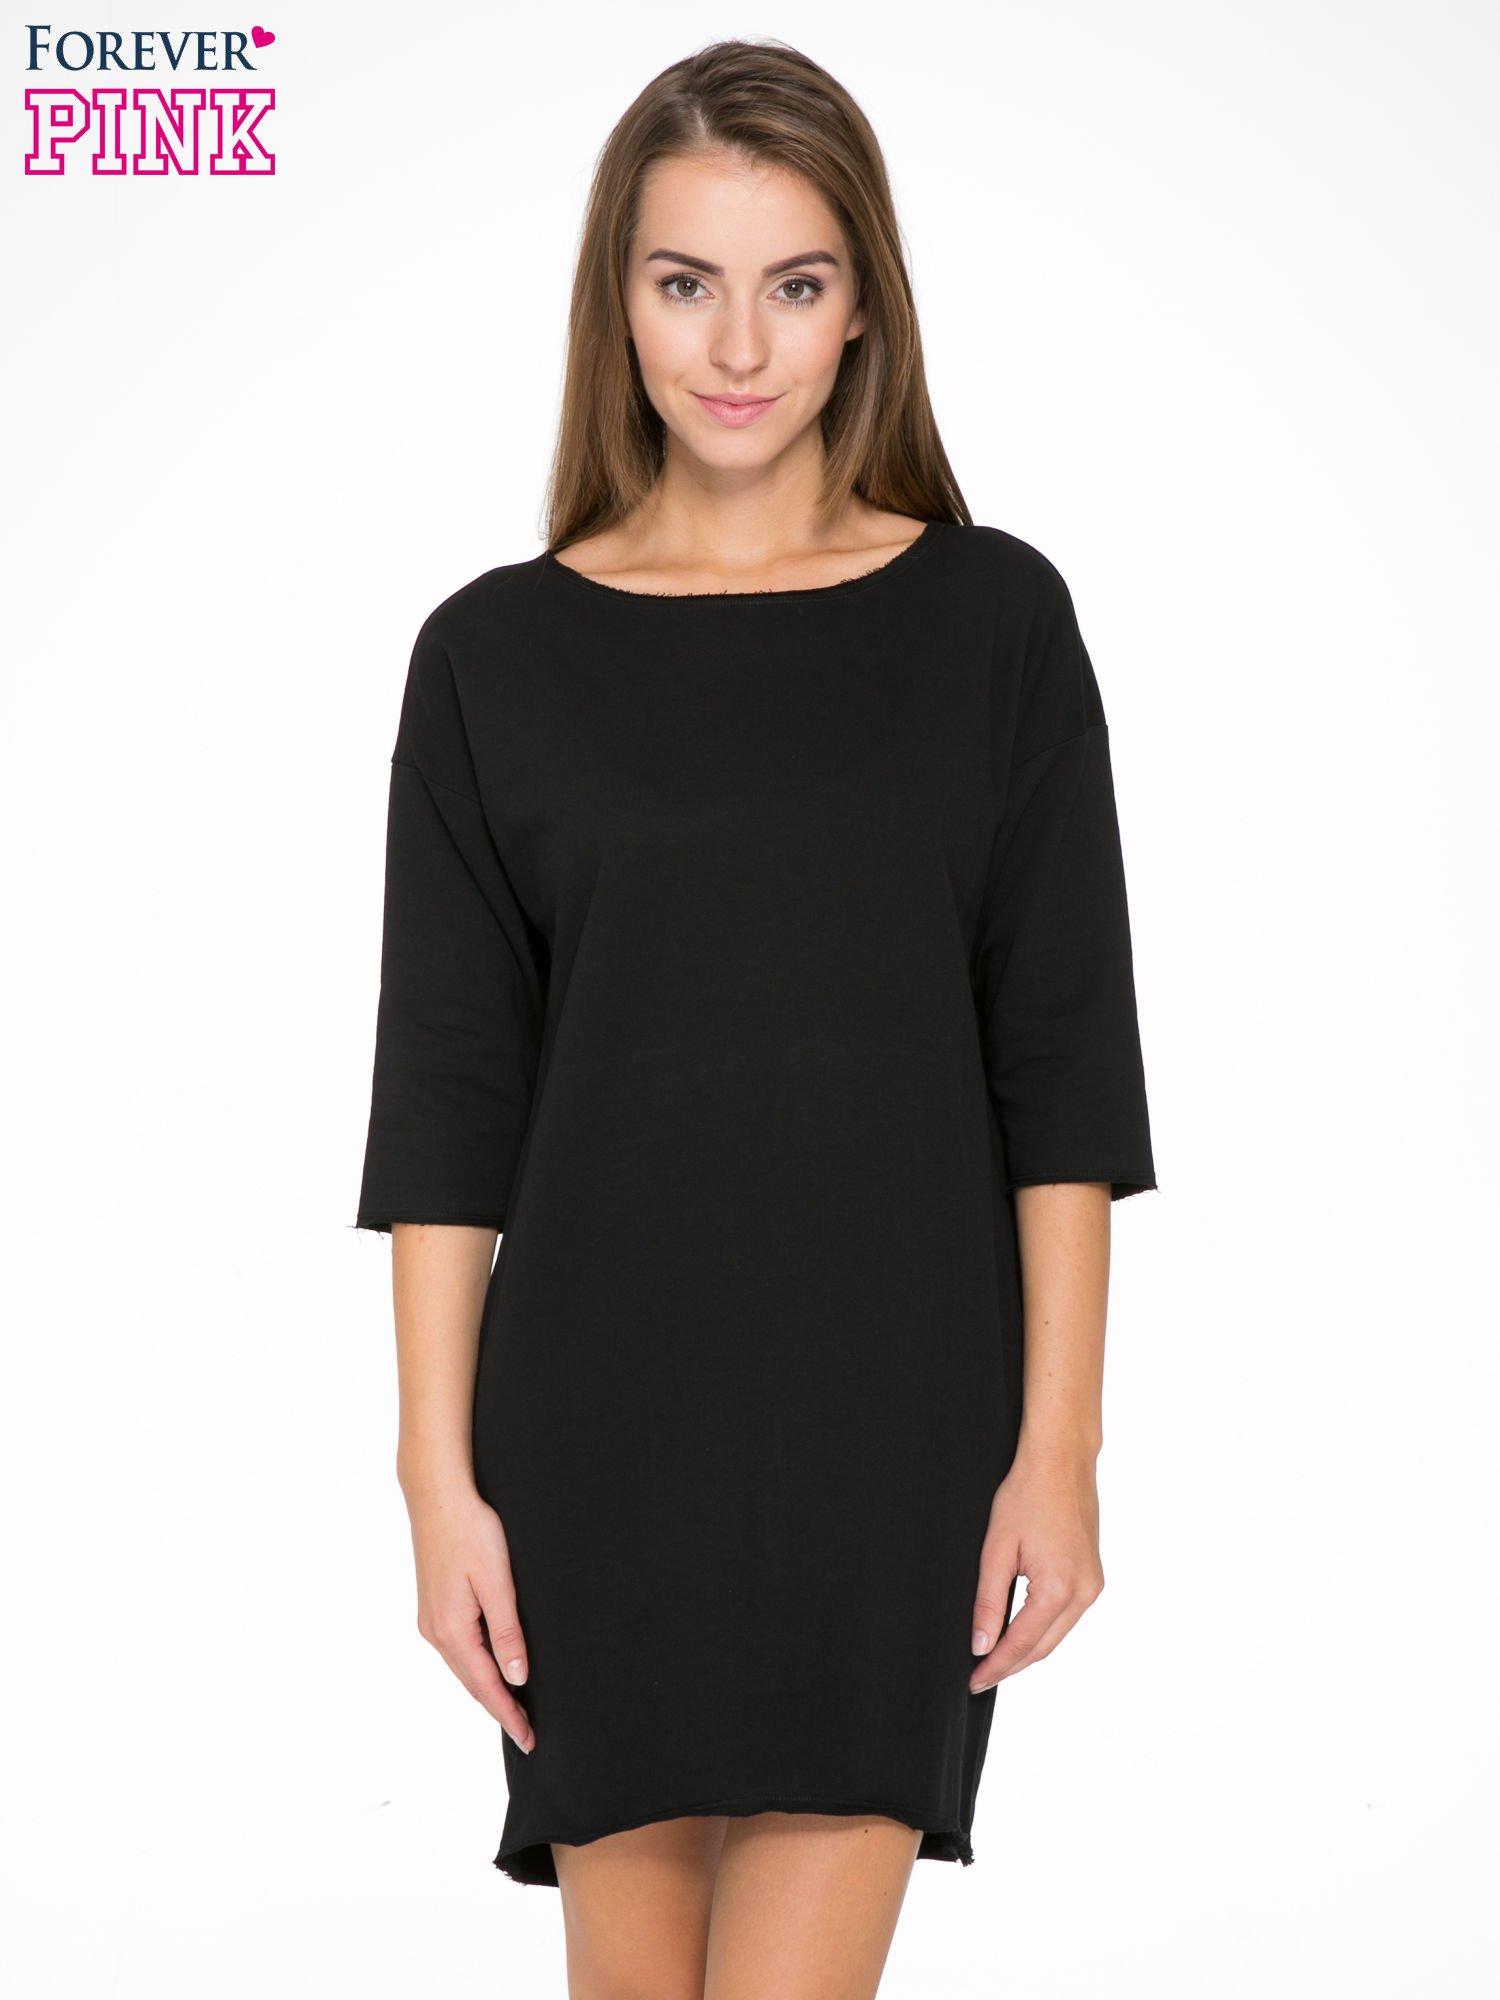 Czarna sukienka oversize z surowym wykończeniem                                  zdj.                                  1